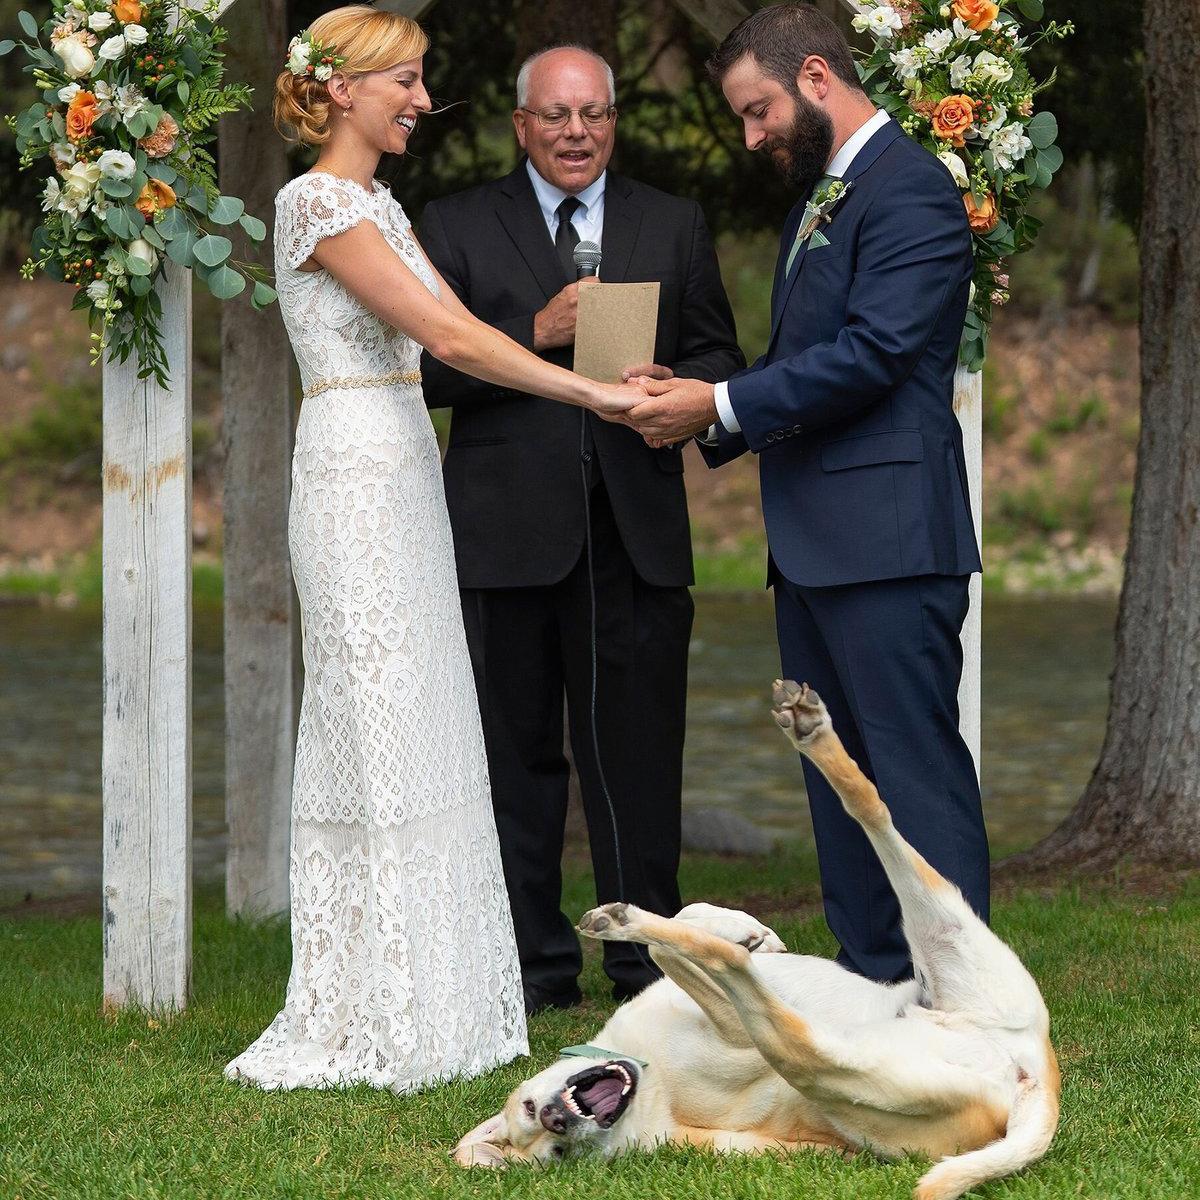 wedding_dog_People-16724